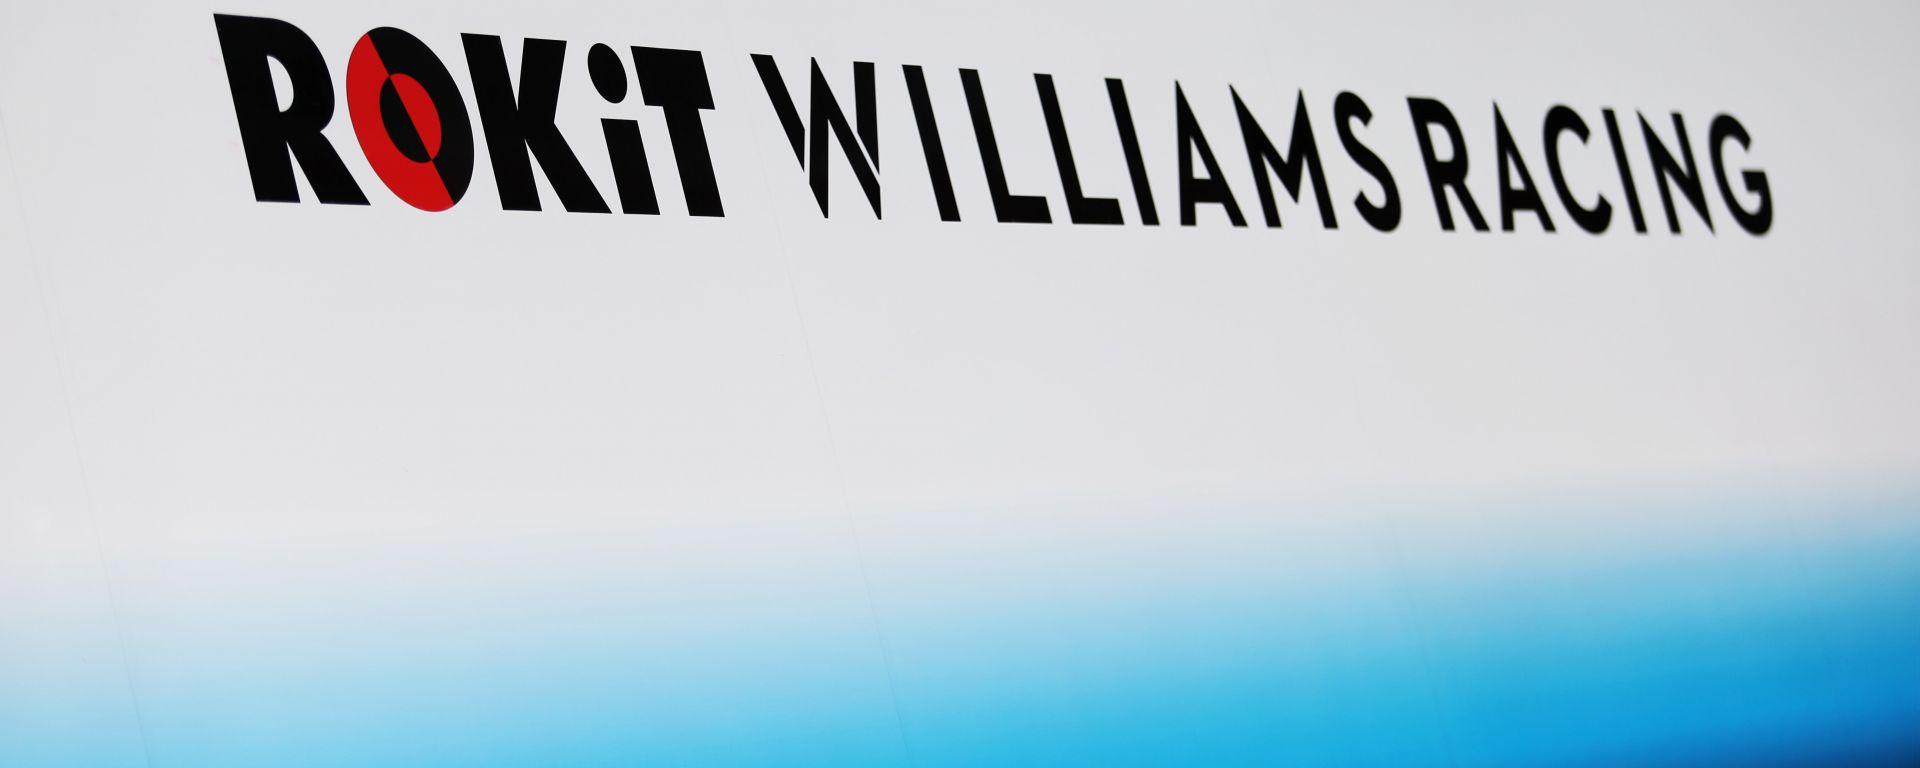 F1, il logo della Williams prima della perdita dello sponsor ROKiT